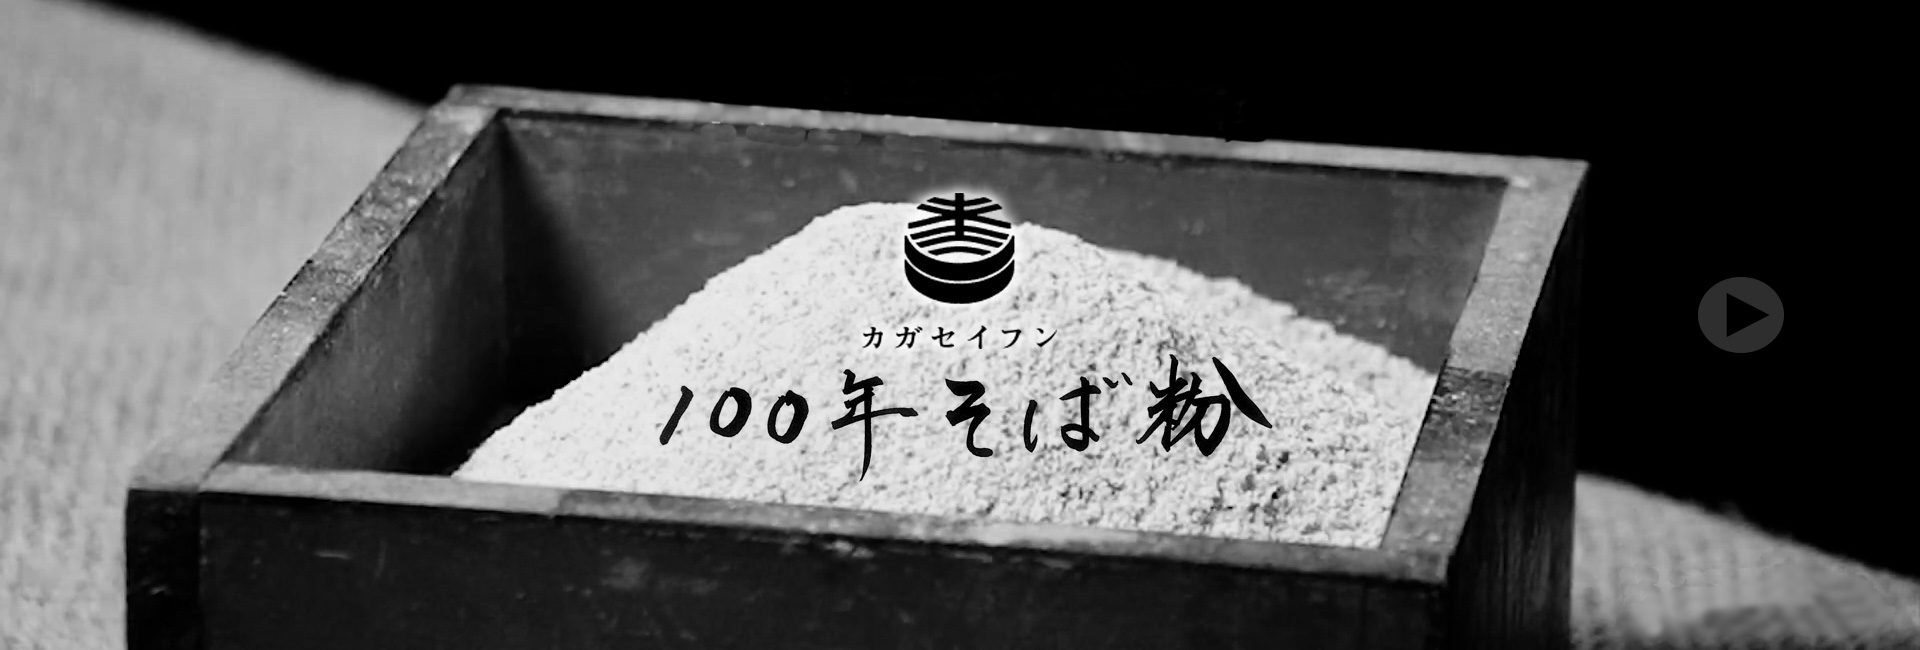 石臼挽きそば粉製造販売通販 カガセイフン 末吉の100年蕎麦粉